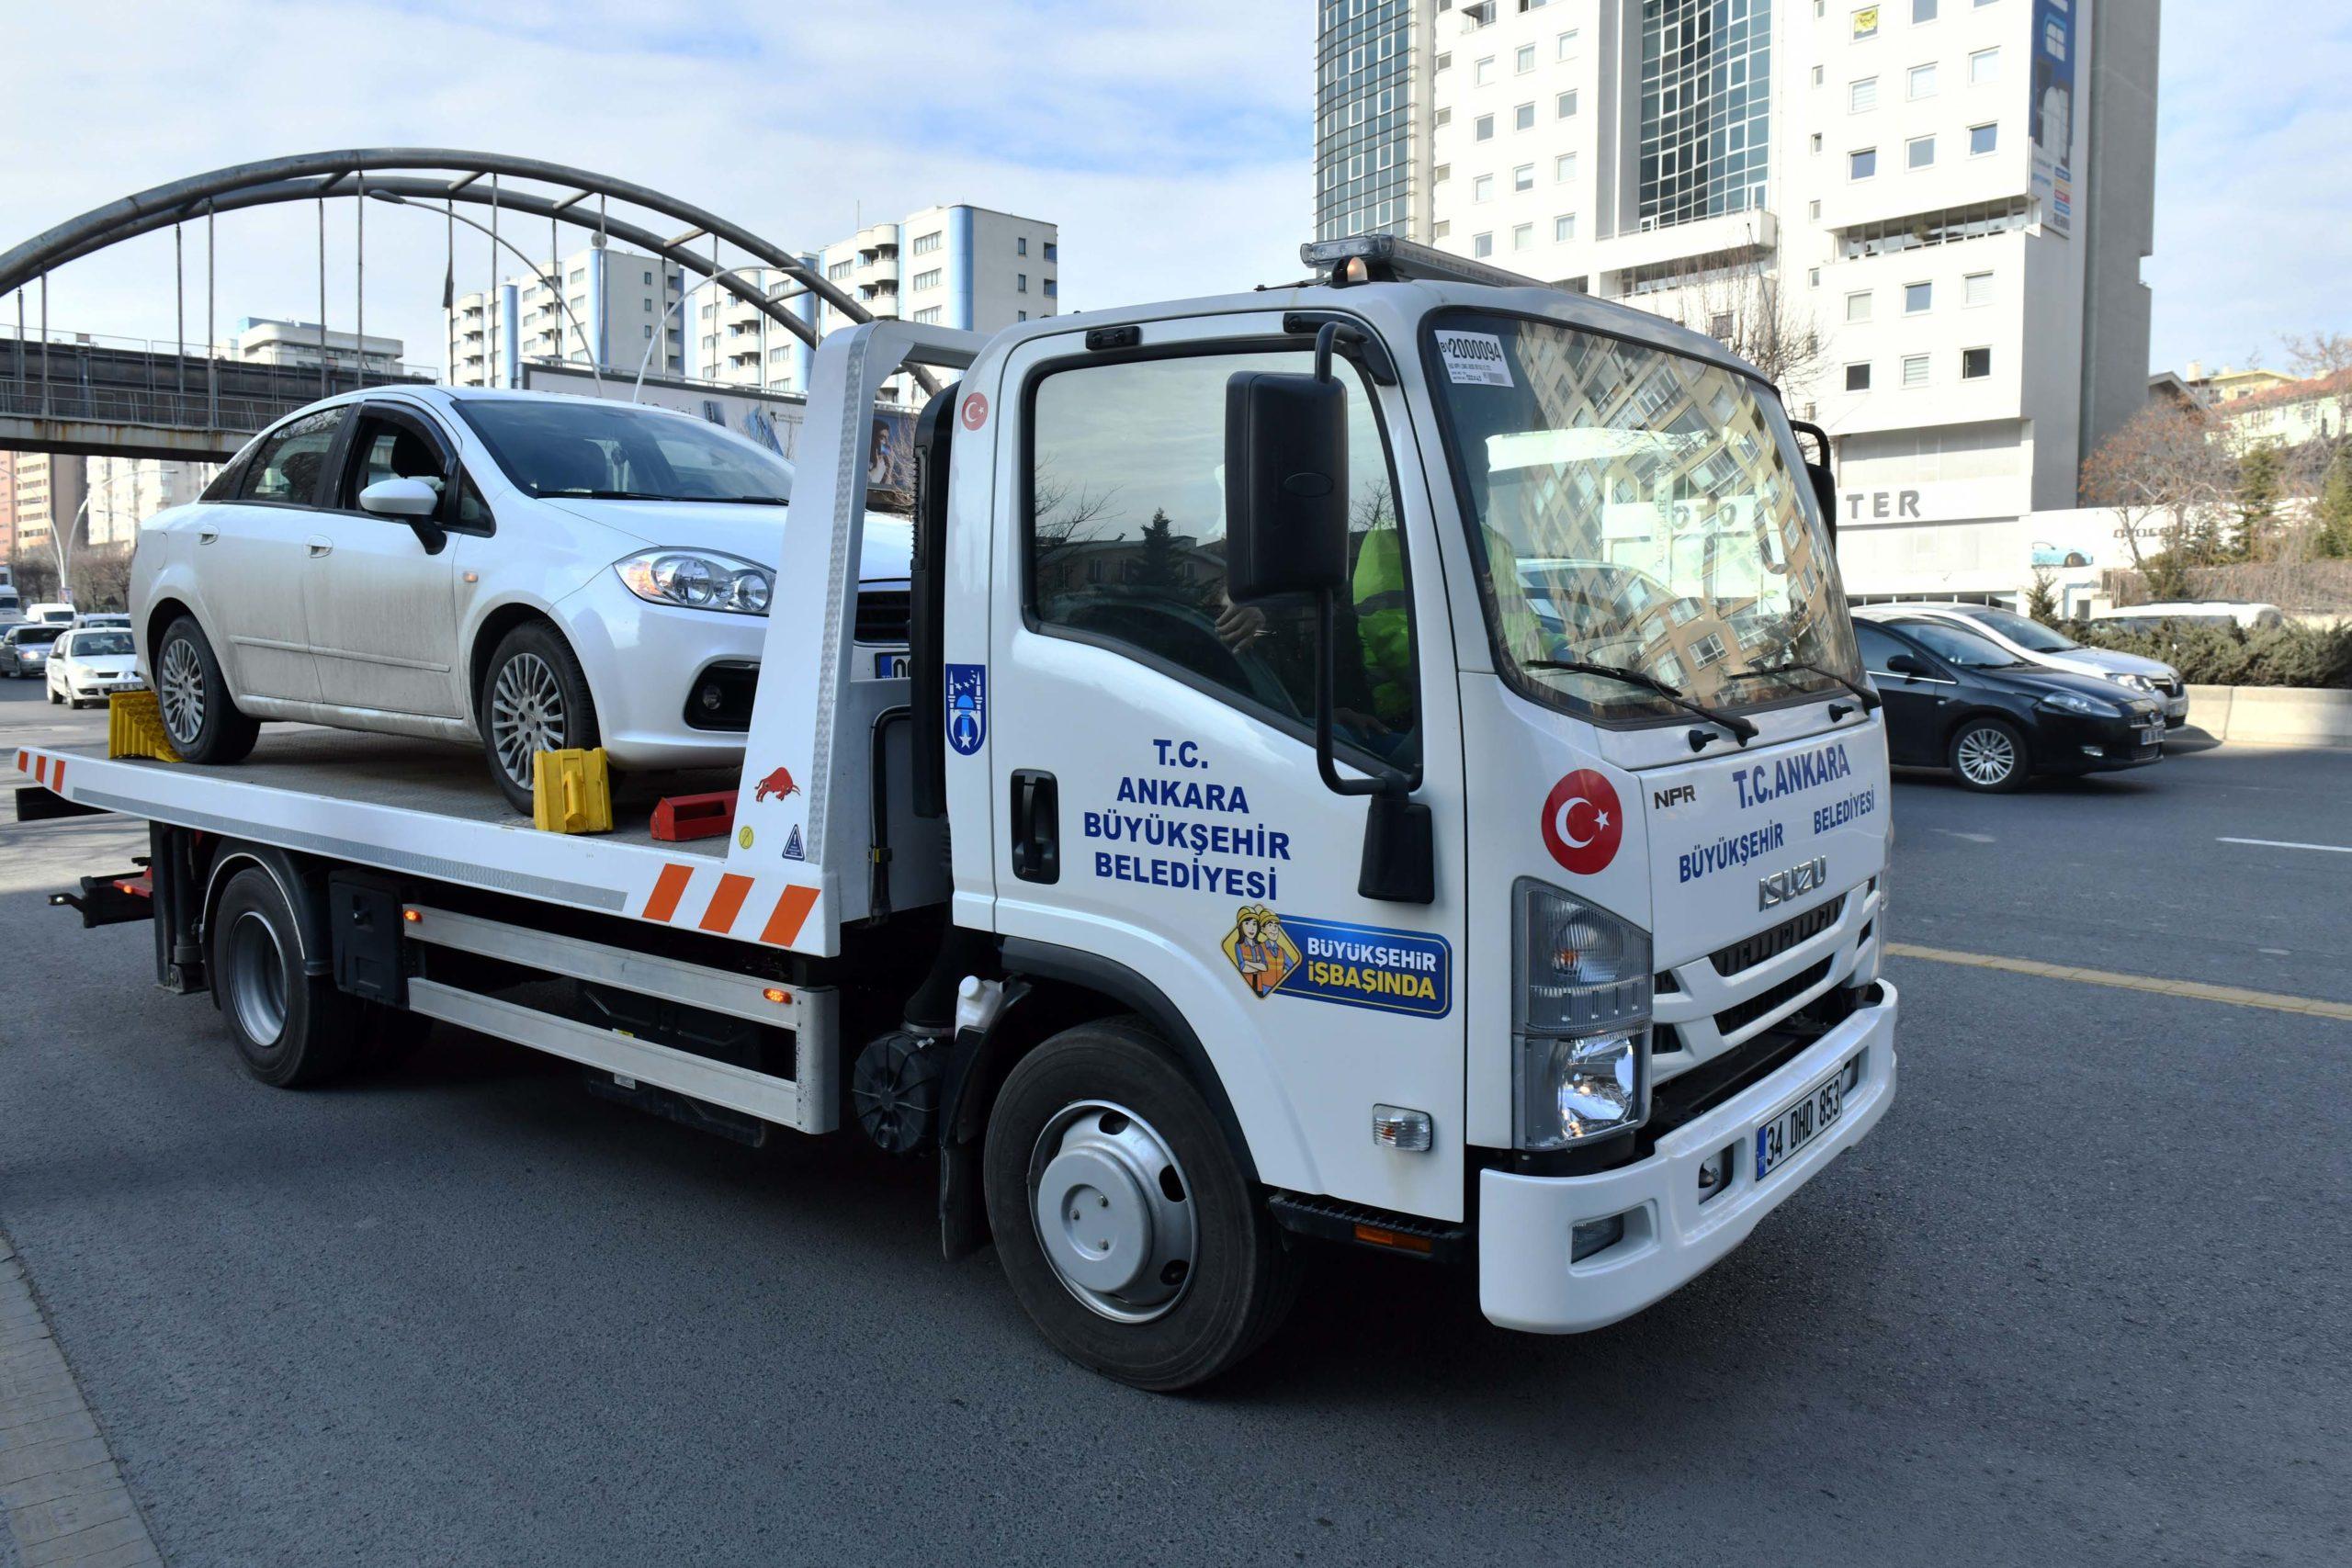 Ankara'nın Ücretsiz Araç Çekici Hizmeti Devam Ediyor